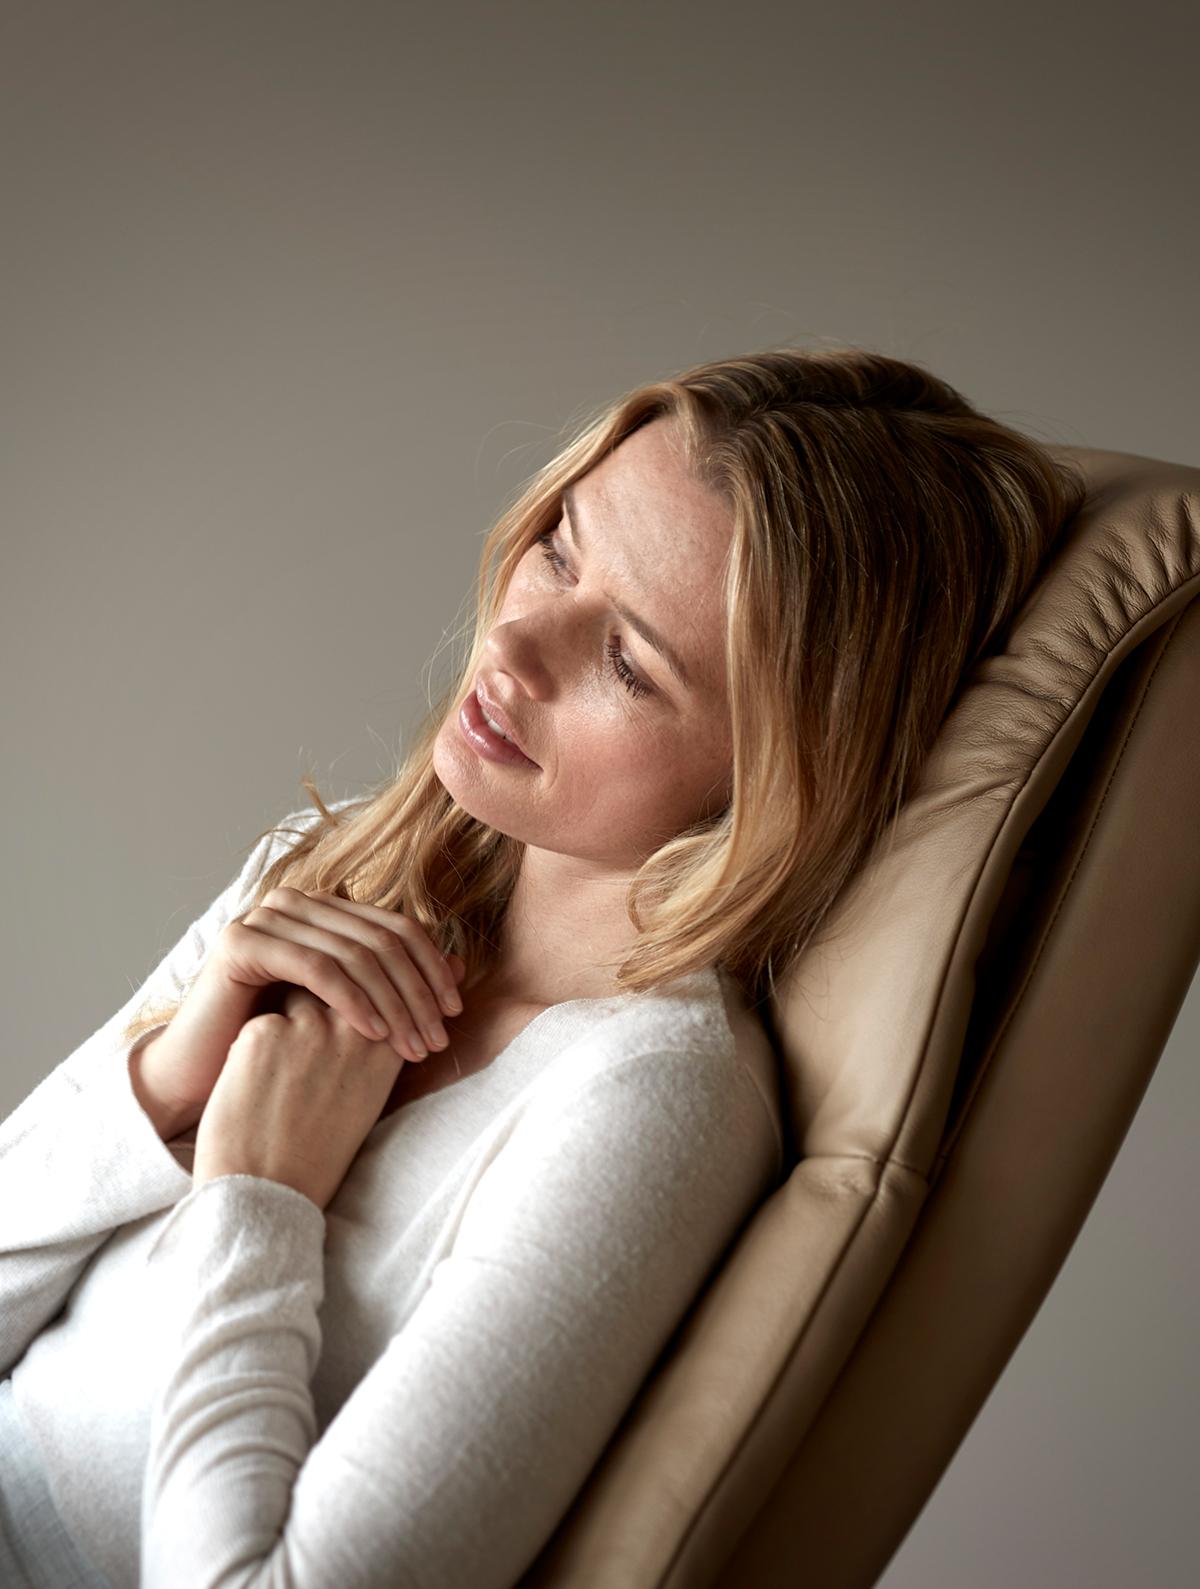 Für die vollkommene Entspannung gilt es, den richtigen Sessel zu finden, wie hier den Stressless View.